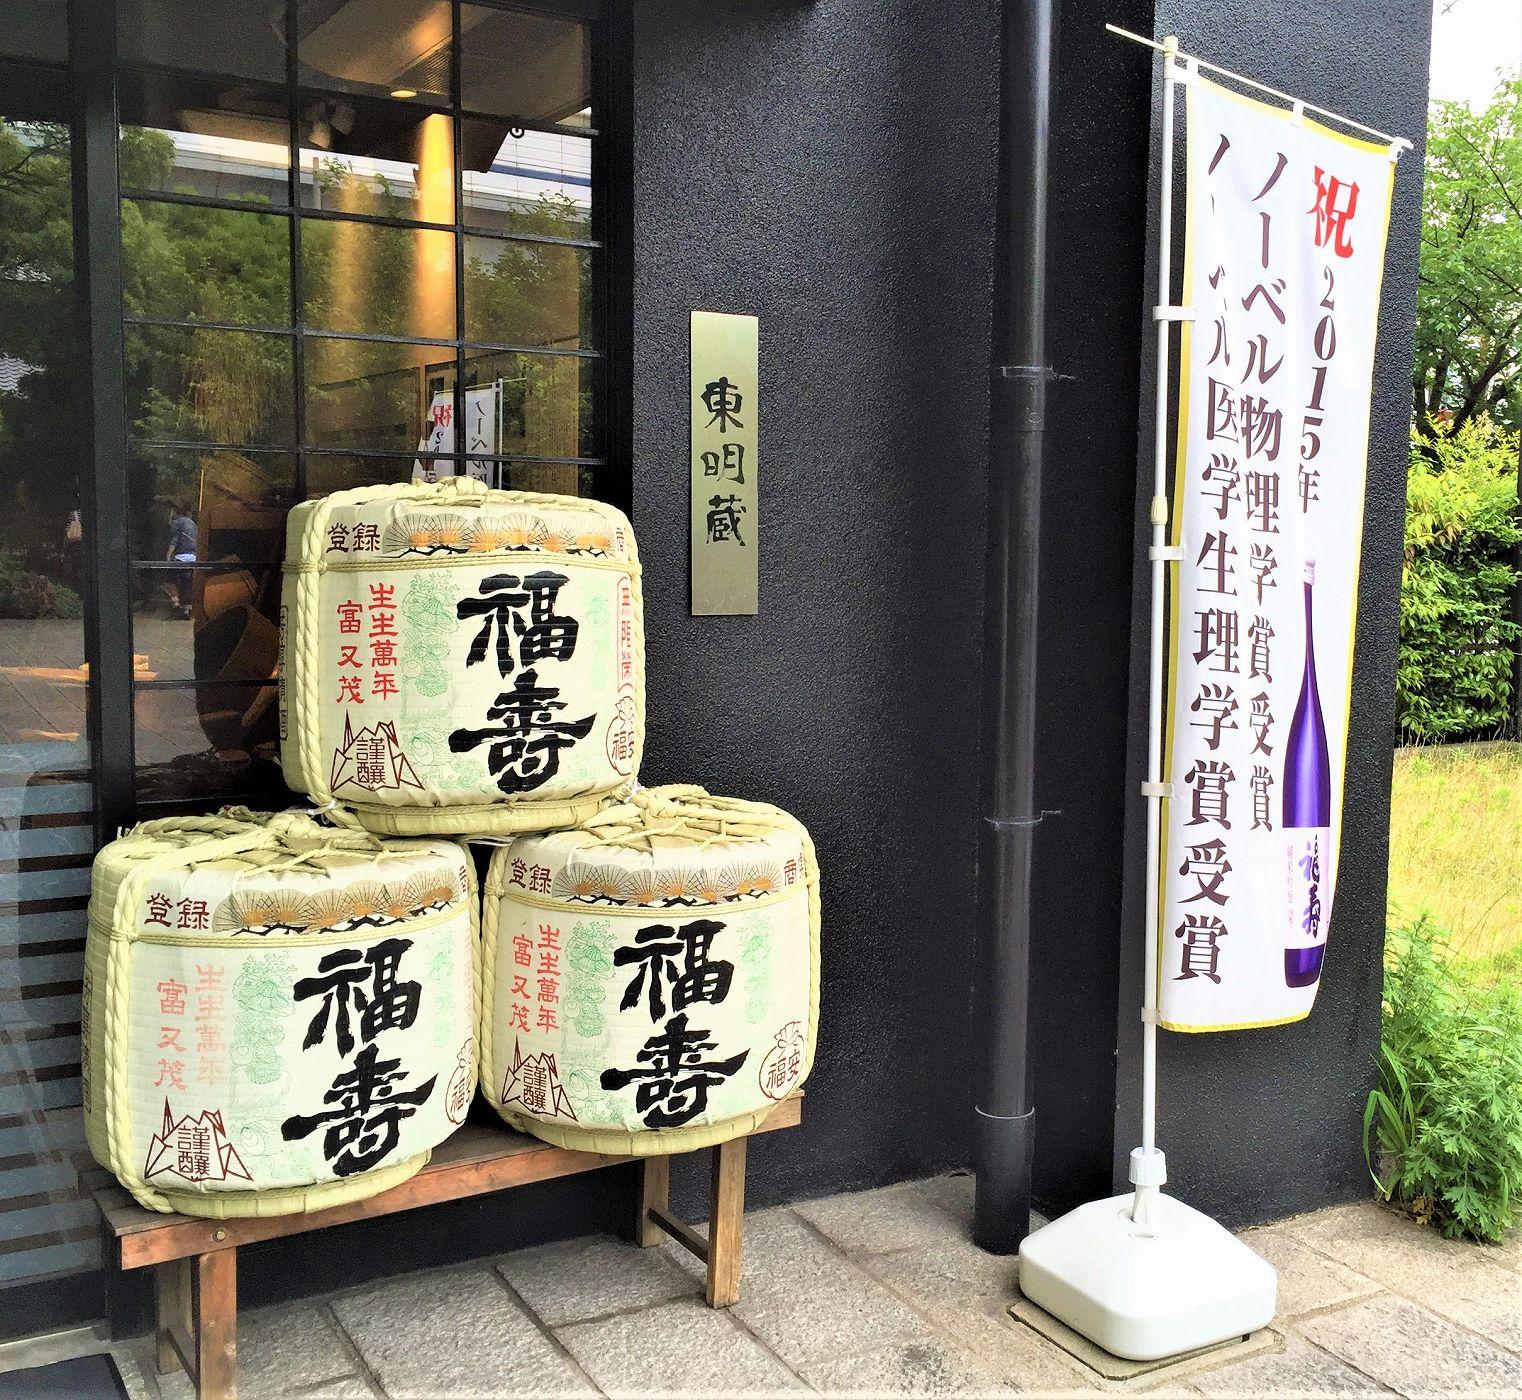 神戸・御影の神戸酒心館で11/10と11/11に「蔵開き」が開催されるよ! #神戸酒心館 #福寿 #灘五郷 #蔵開き #日本酒 #パ酒ポート